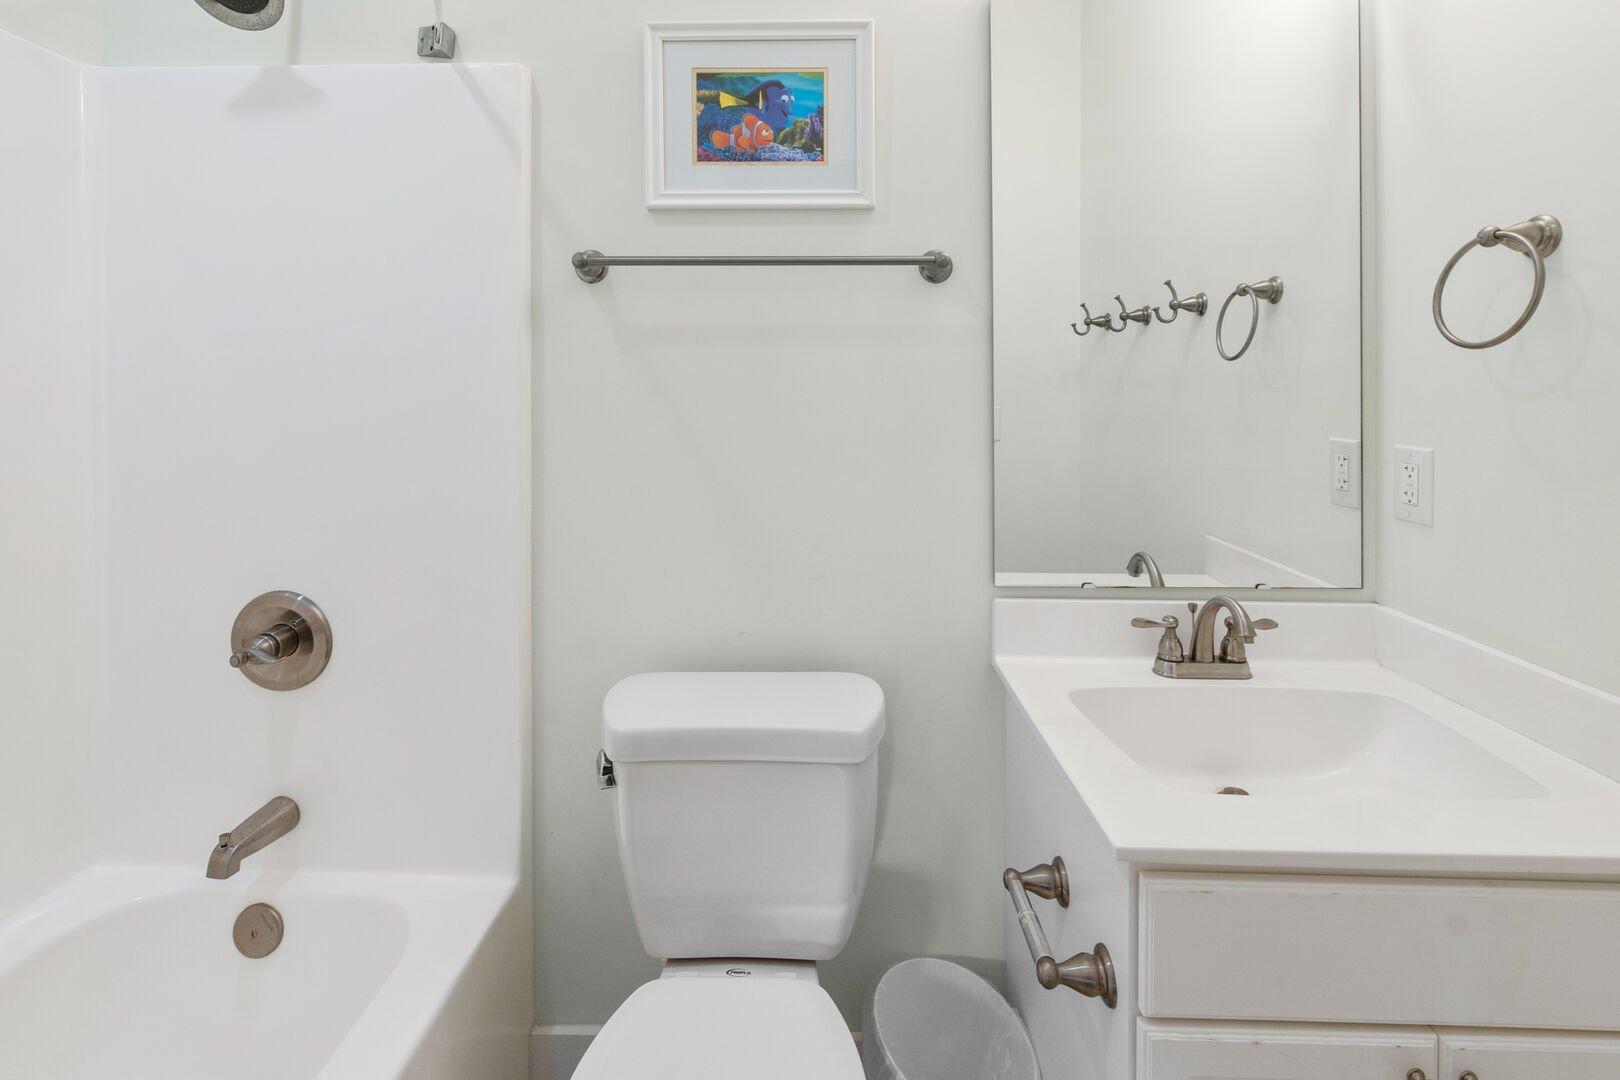 Sets of Bunk Beds Bathroom - First Floor